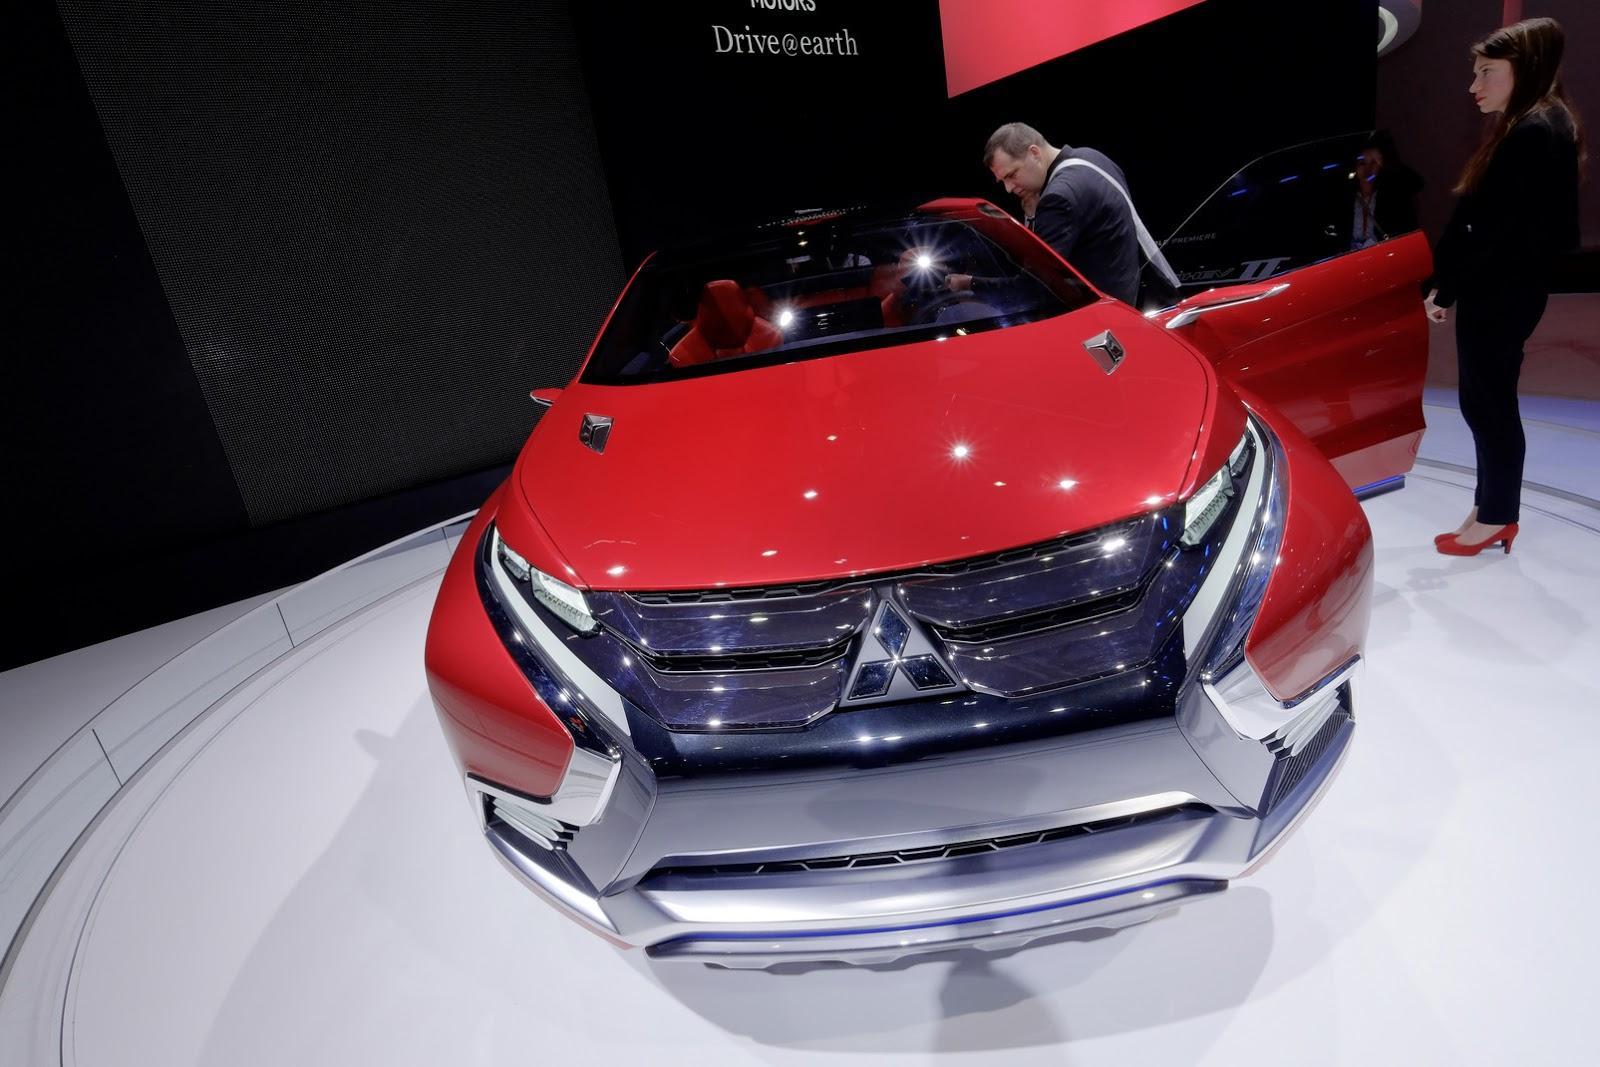 Mitsubishi xác nhận XR-PHEV II concept là đại diện cho thế hệ SUV mới